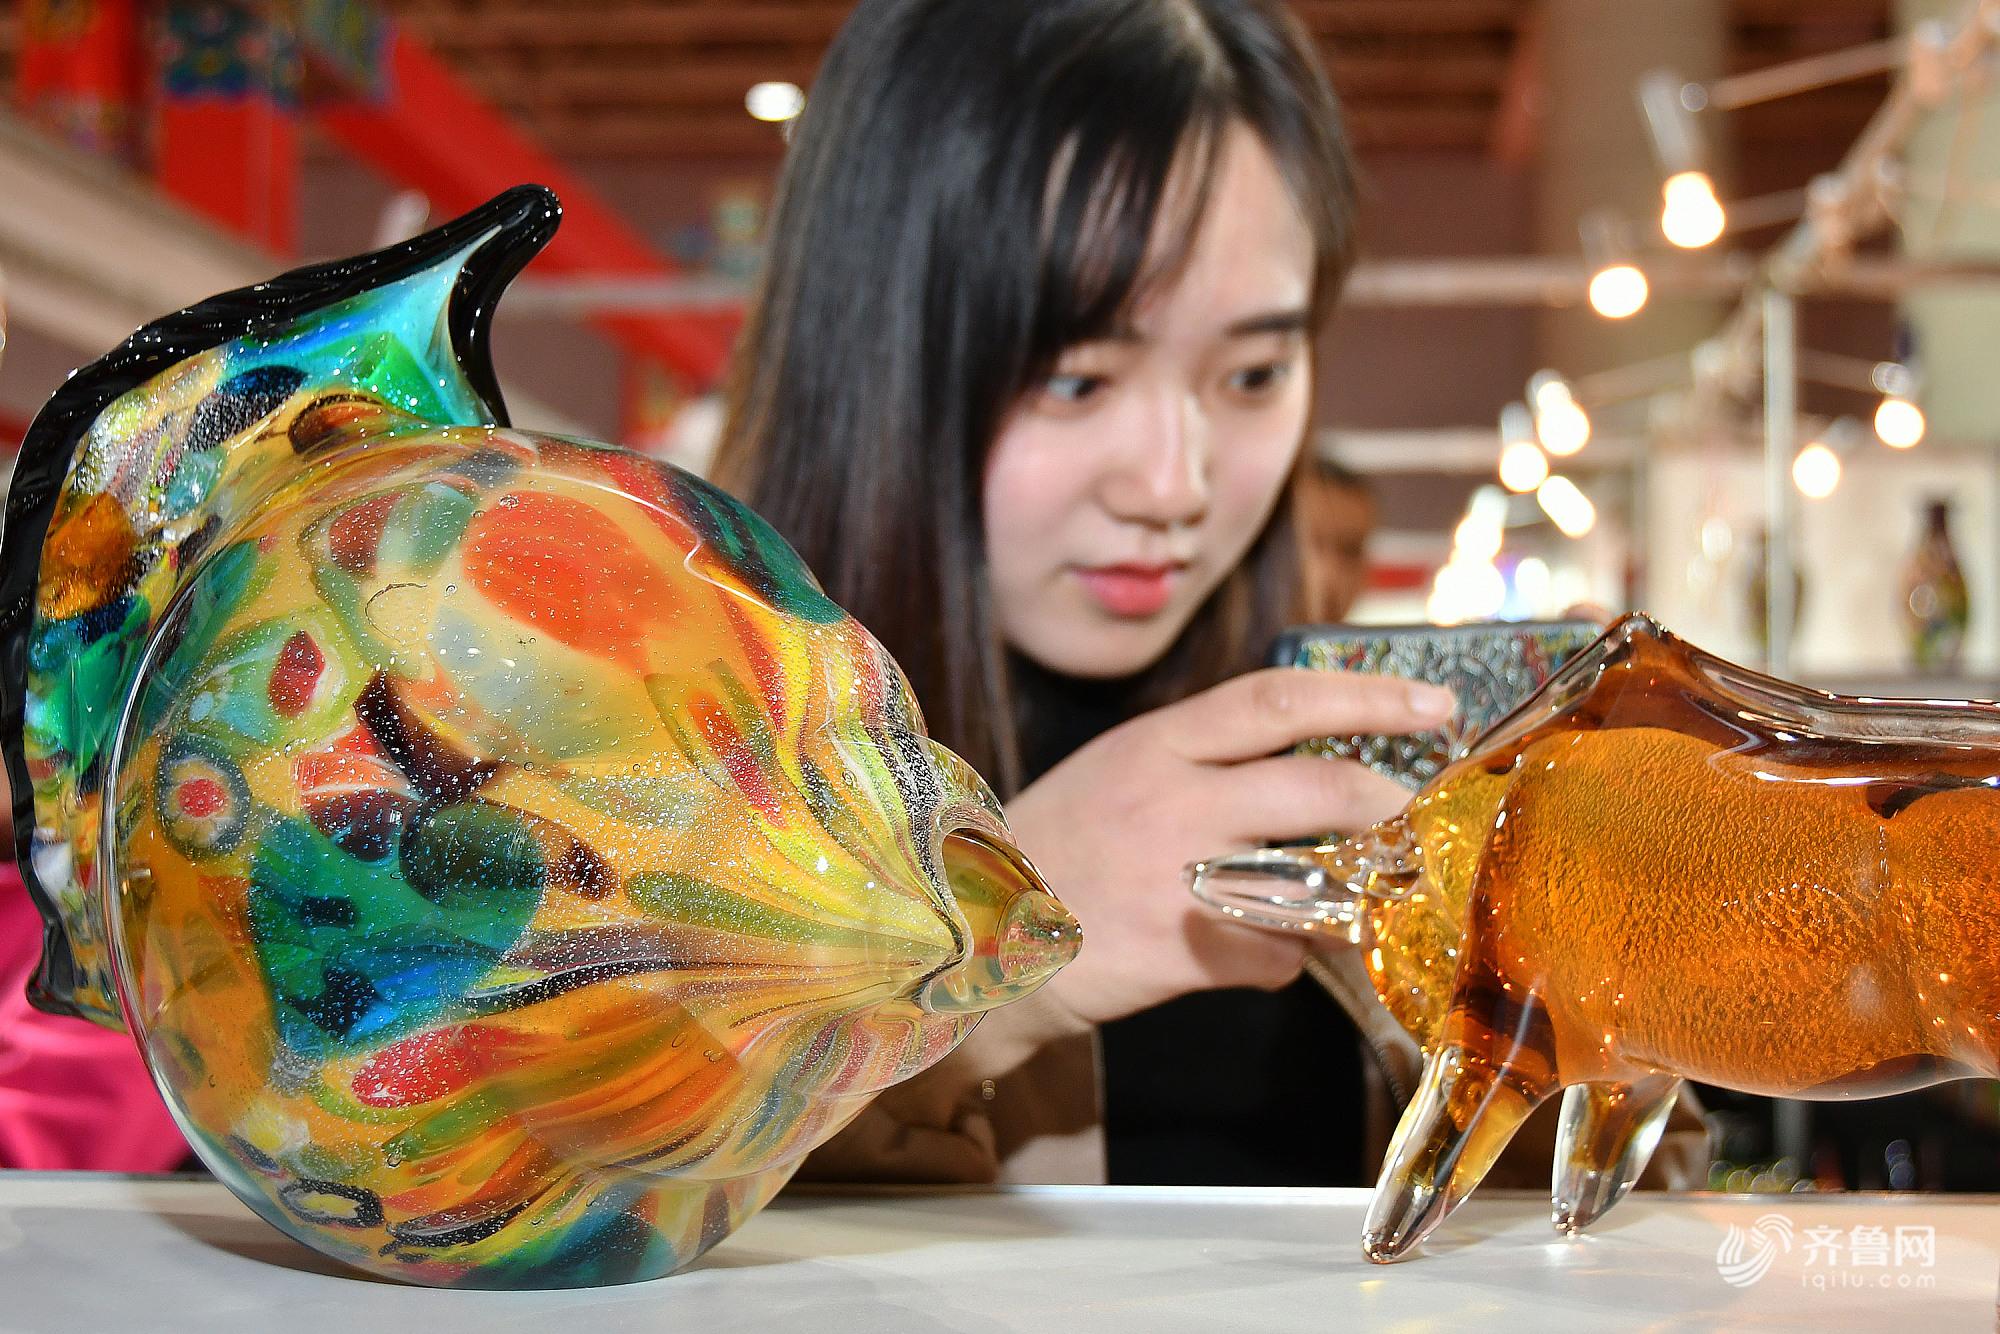 2018中百姓间工艺品展览会在烟台开幕 展品涵盖上百种艺术门类